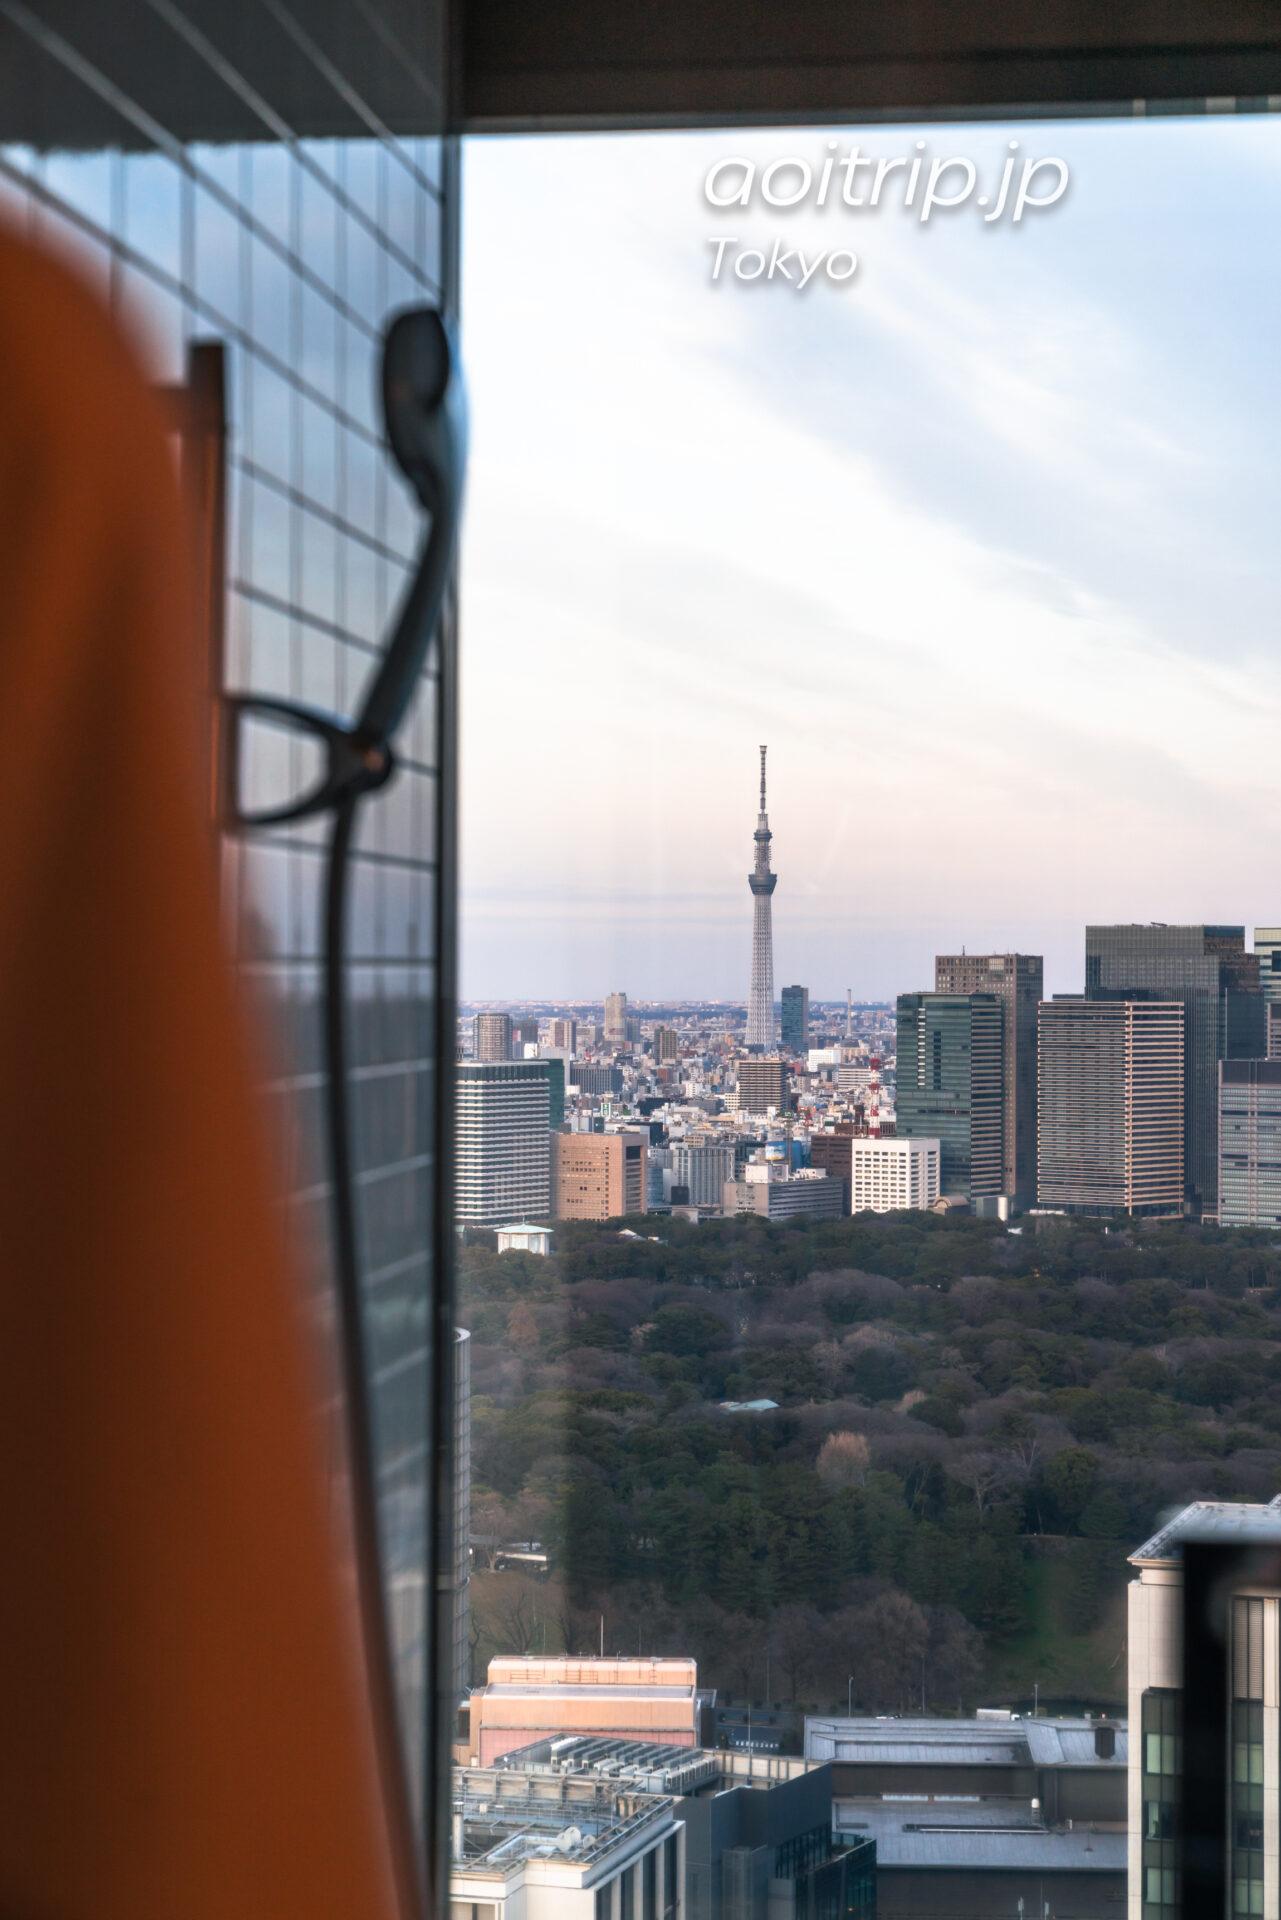 ザ プリンスギャラリー 東京紀尾井町のビューバスと東京スカイツリー